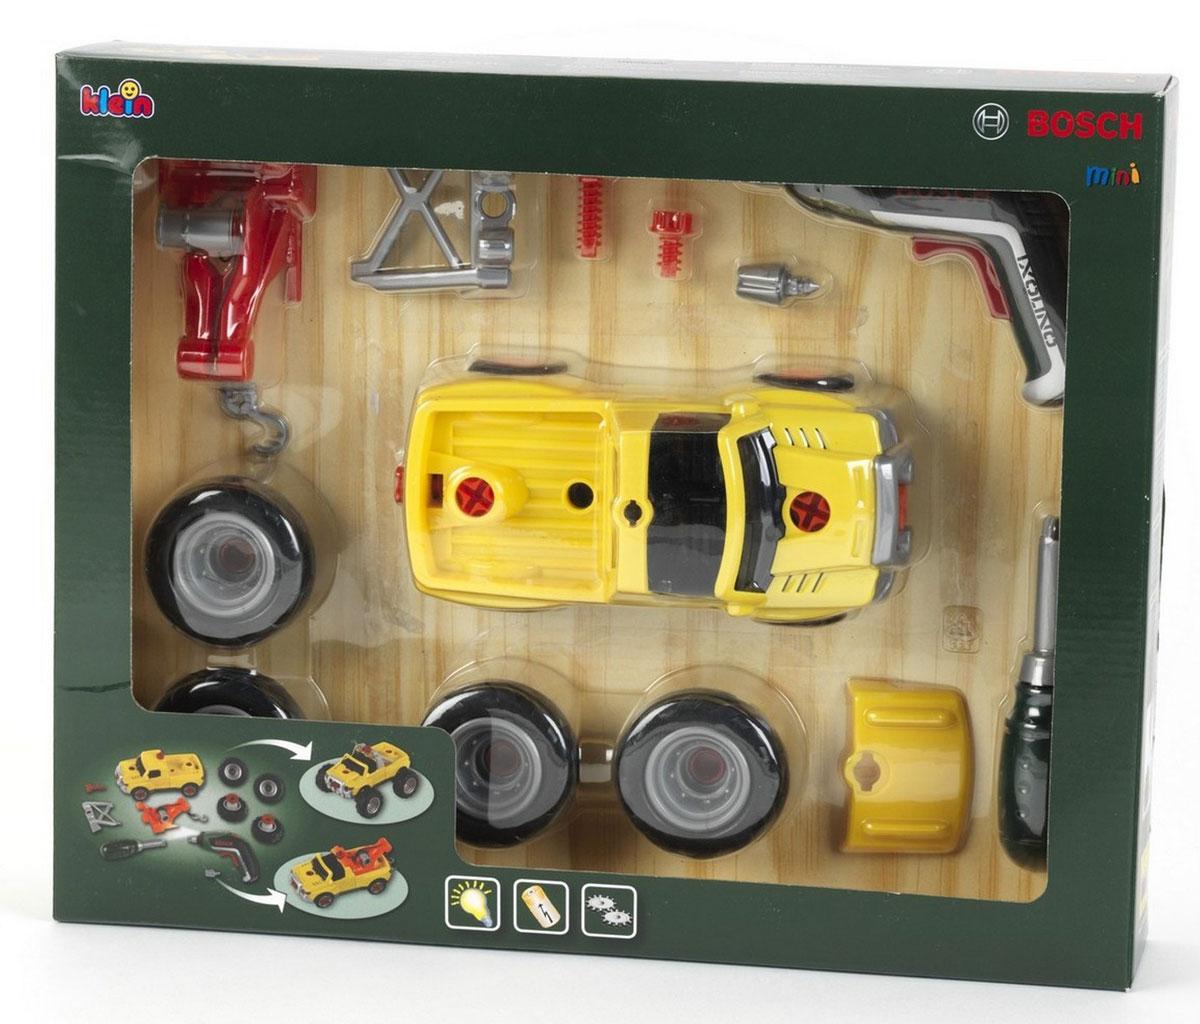 Klein Набор инструментов Bosch с машиной